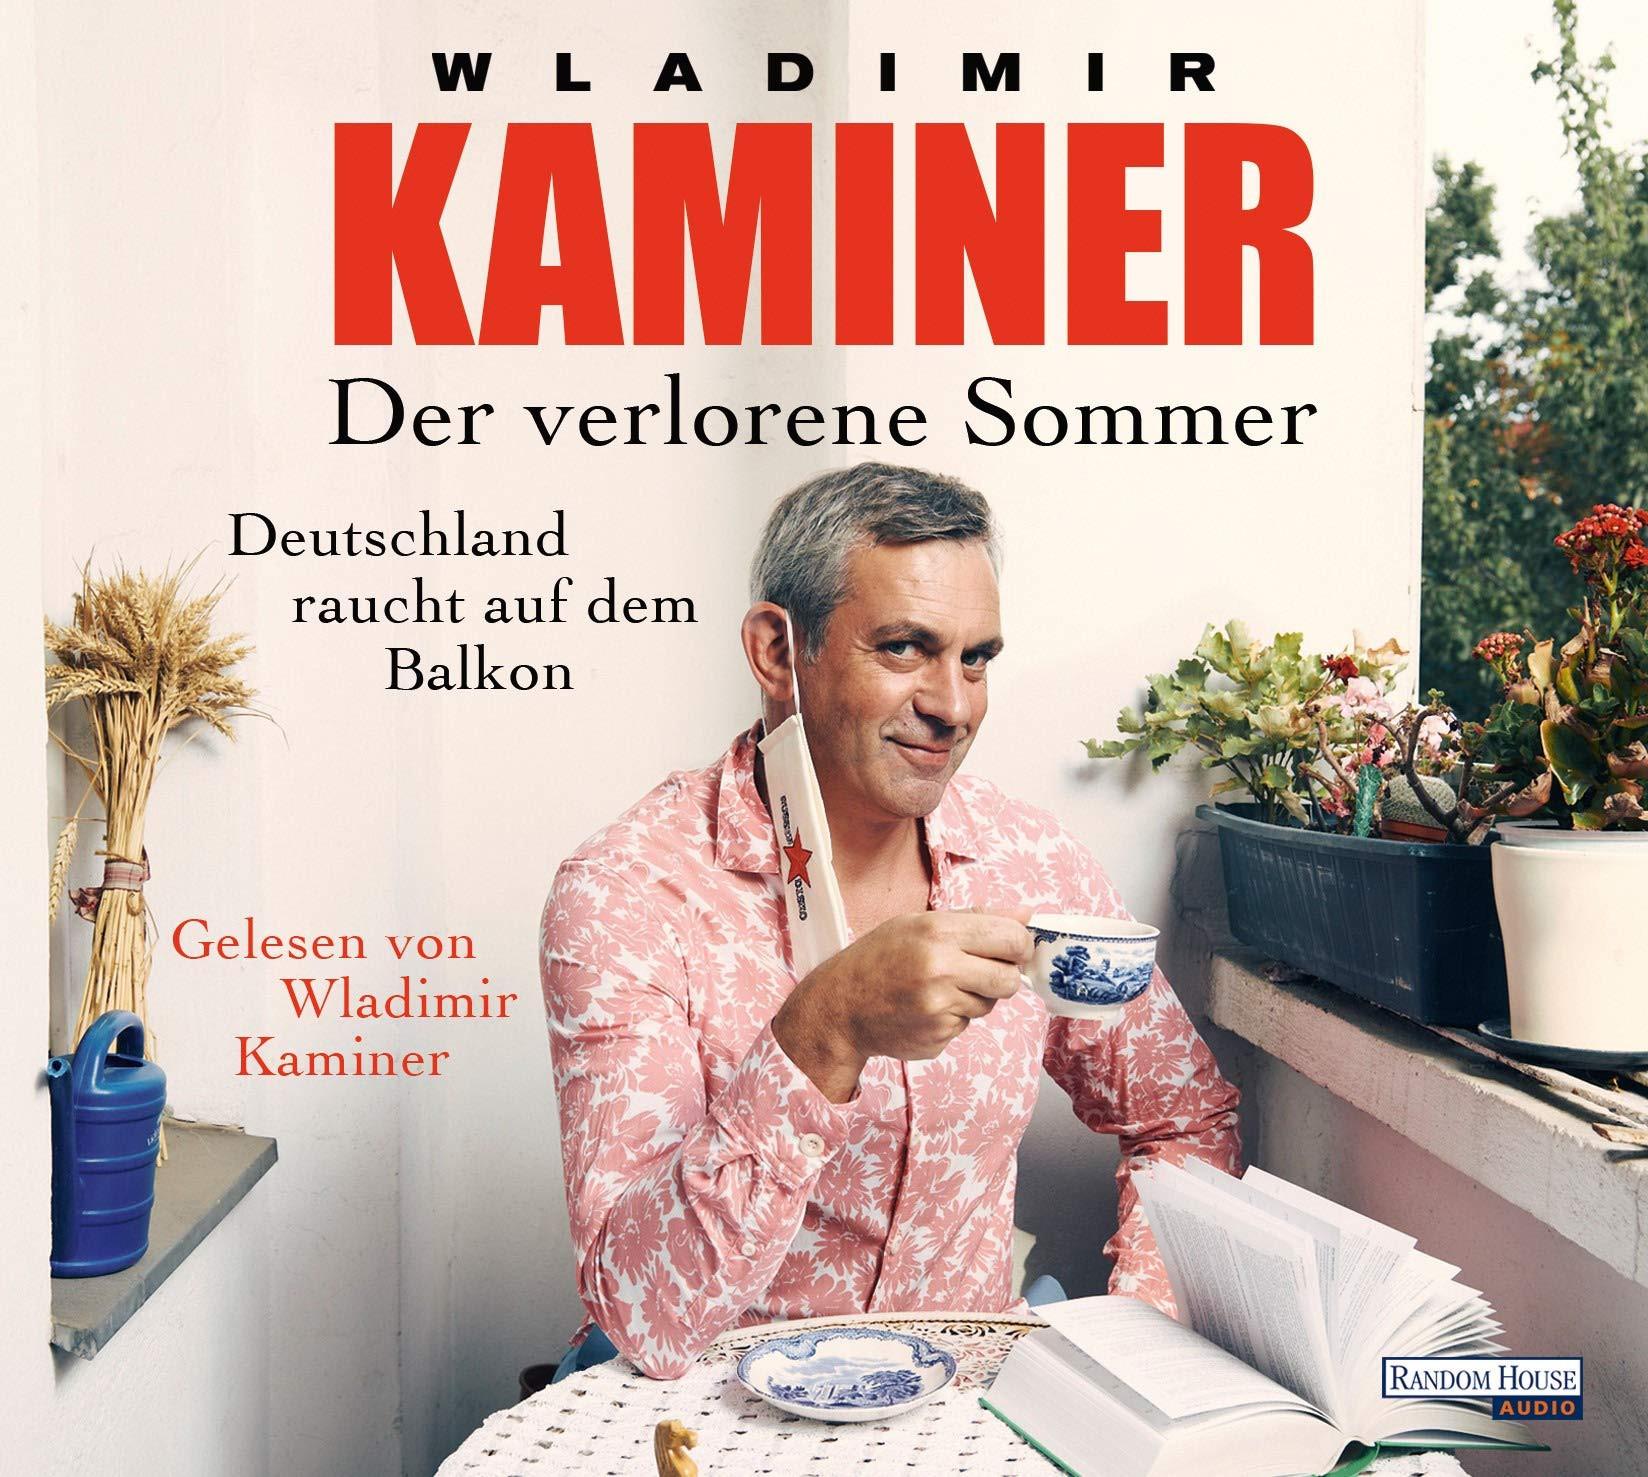 Wladimir Kaminer - Der verlorene Sommer: Deutschland raucht auf dem Balkon